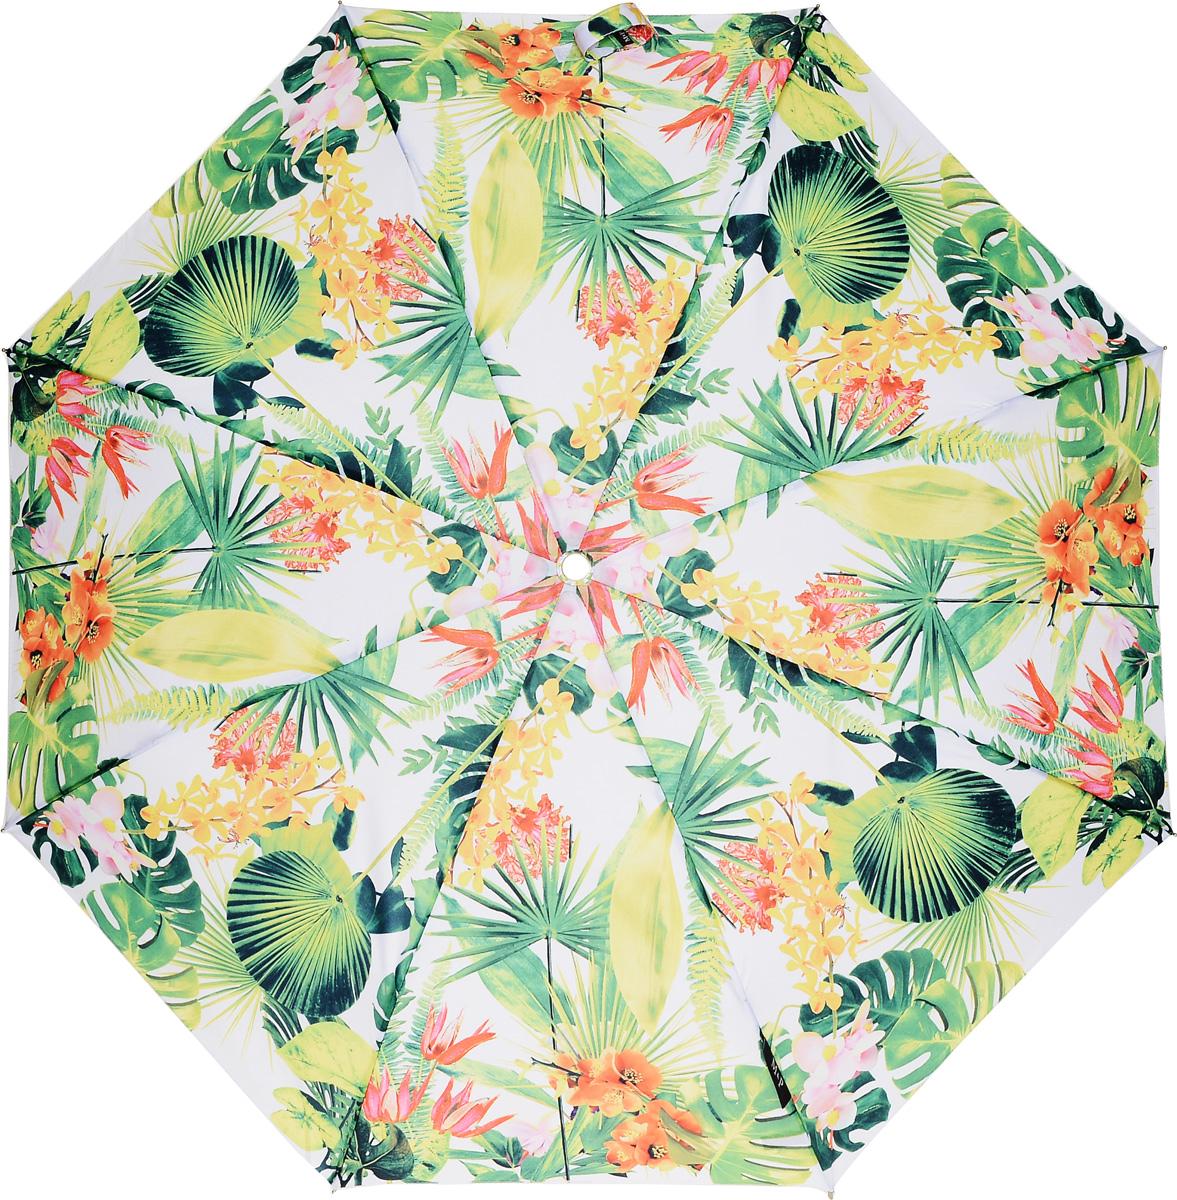 M&P 5863-2 Зонт полный автом. 3 сл. жен.5863-2Зонт испанского производителя Clima. В производстве зонтов используются современные материалы, что делает зонты легкими, но в то же время крепкими.Полный автомат, 3 сложения, 7 спиц, полиэстер.